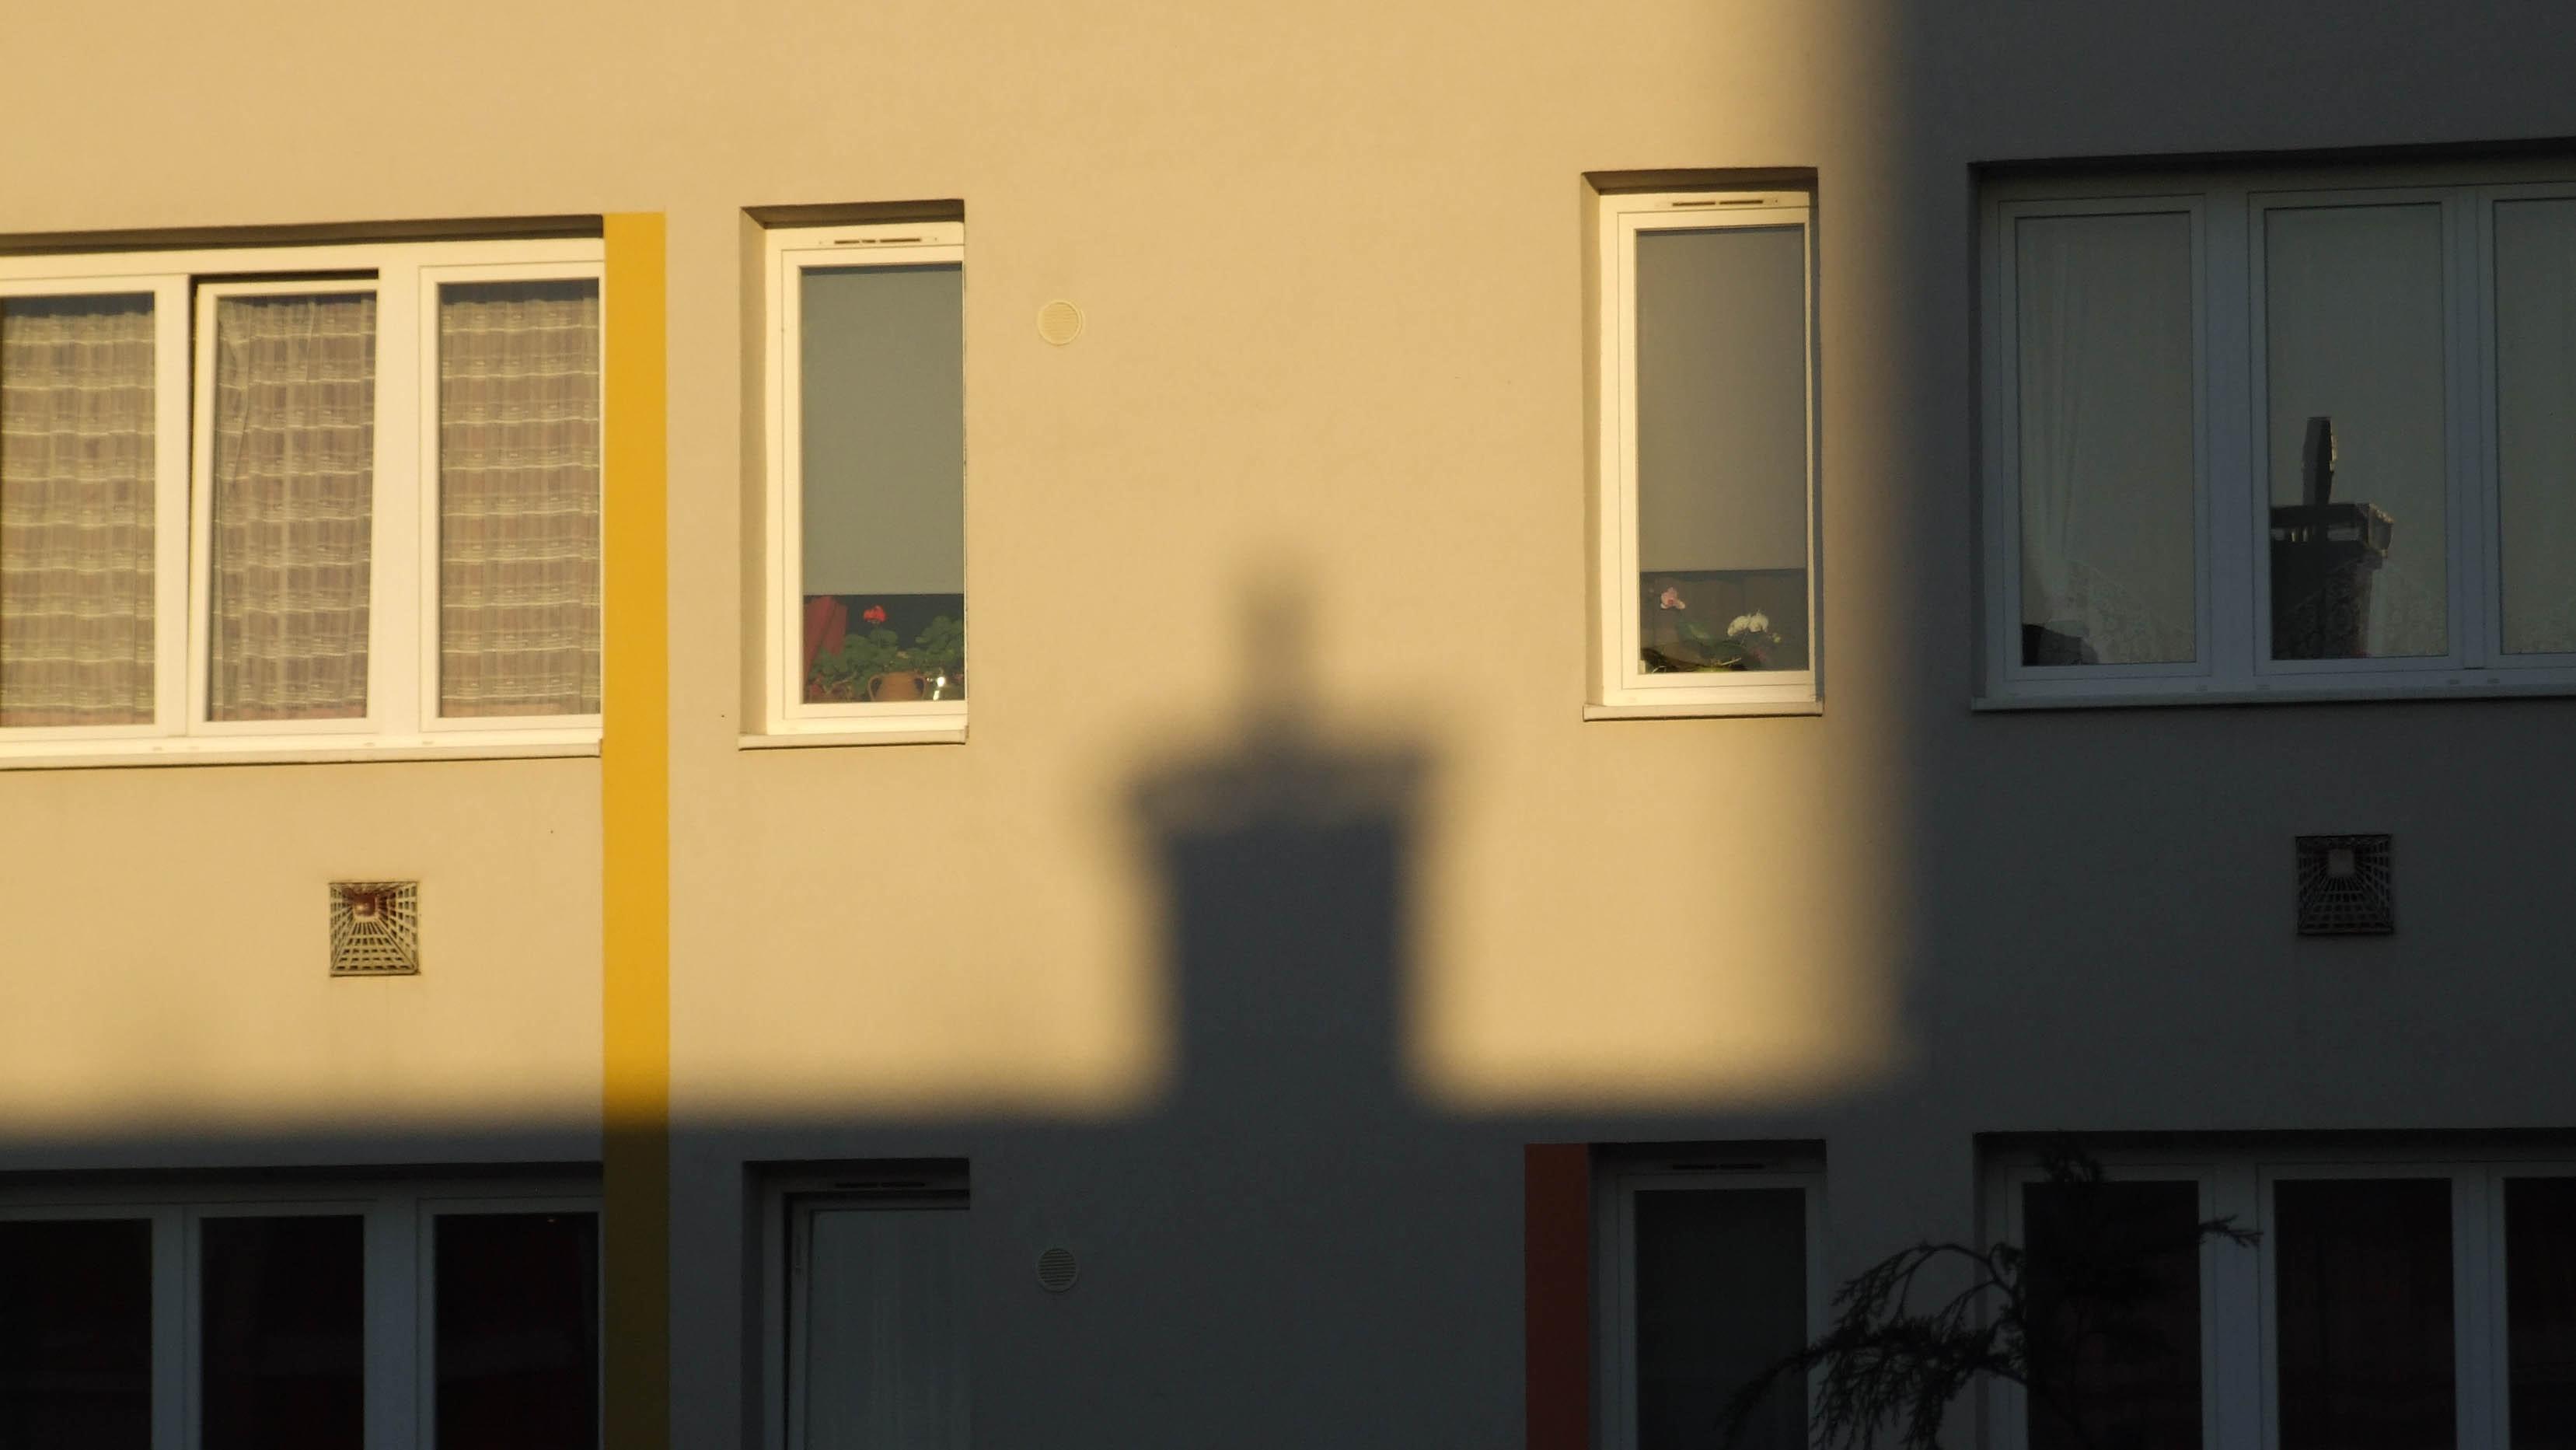 Mieszkania | Peter Torok unsplash.com